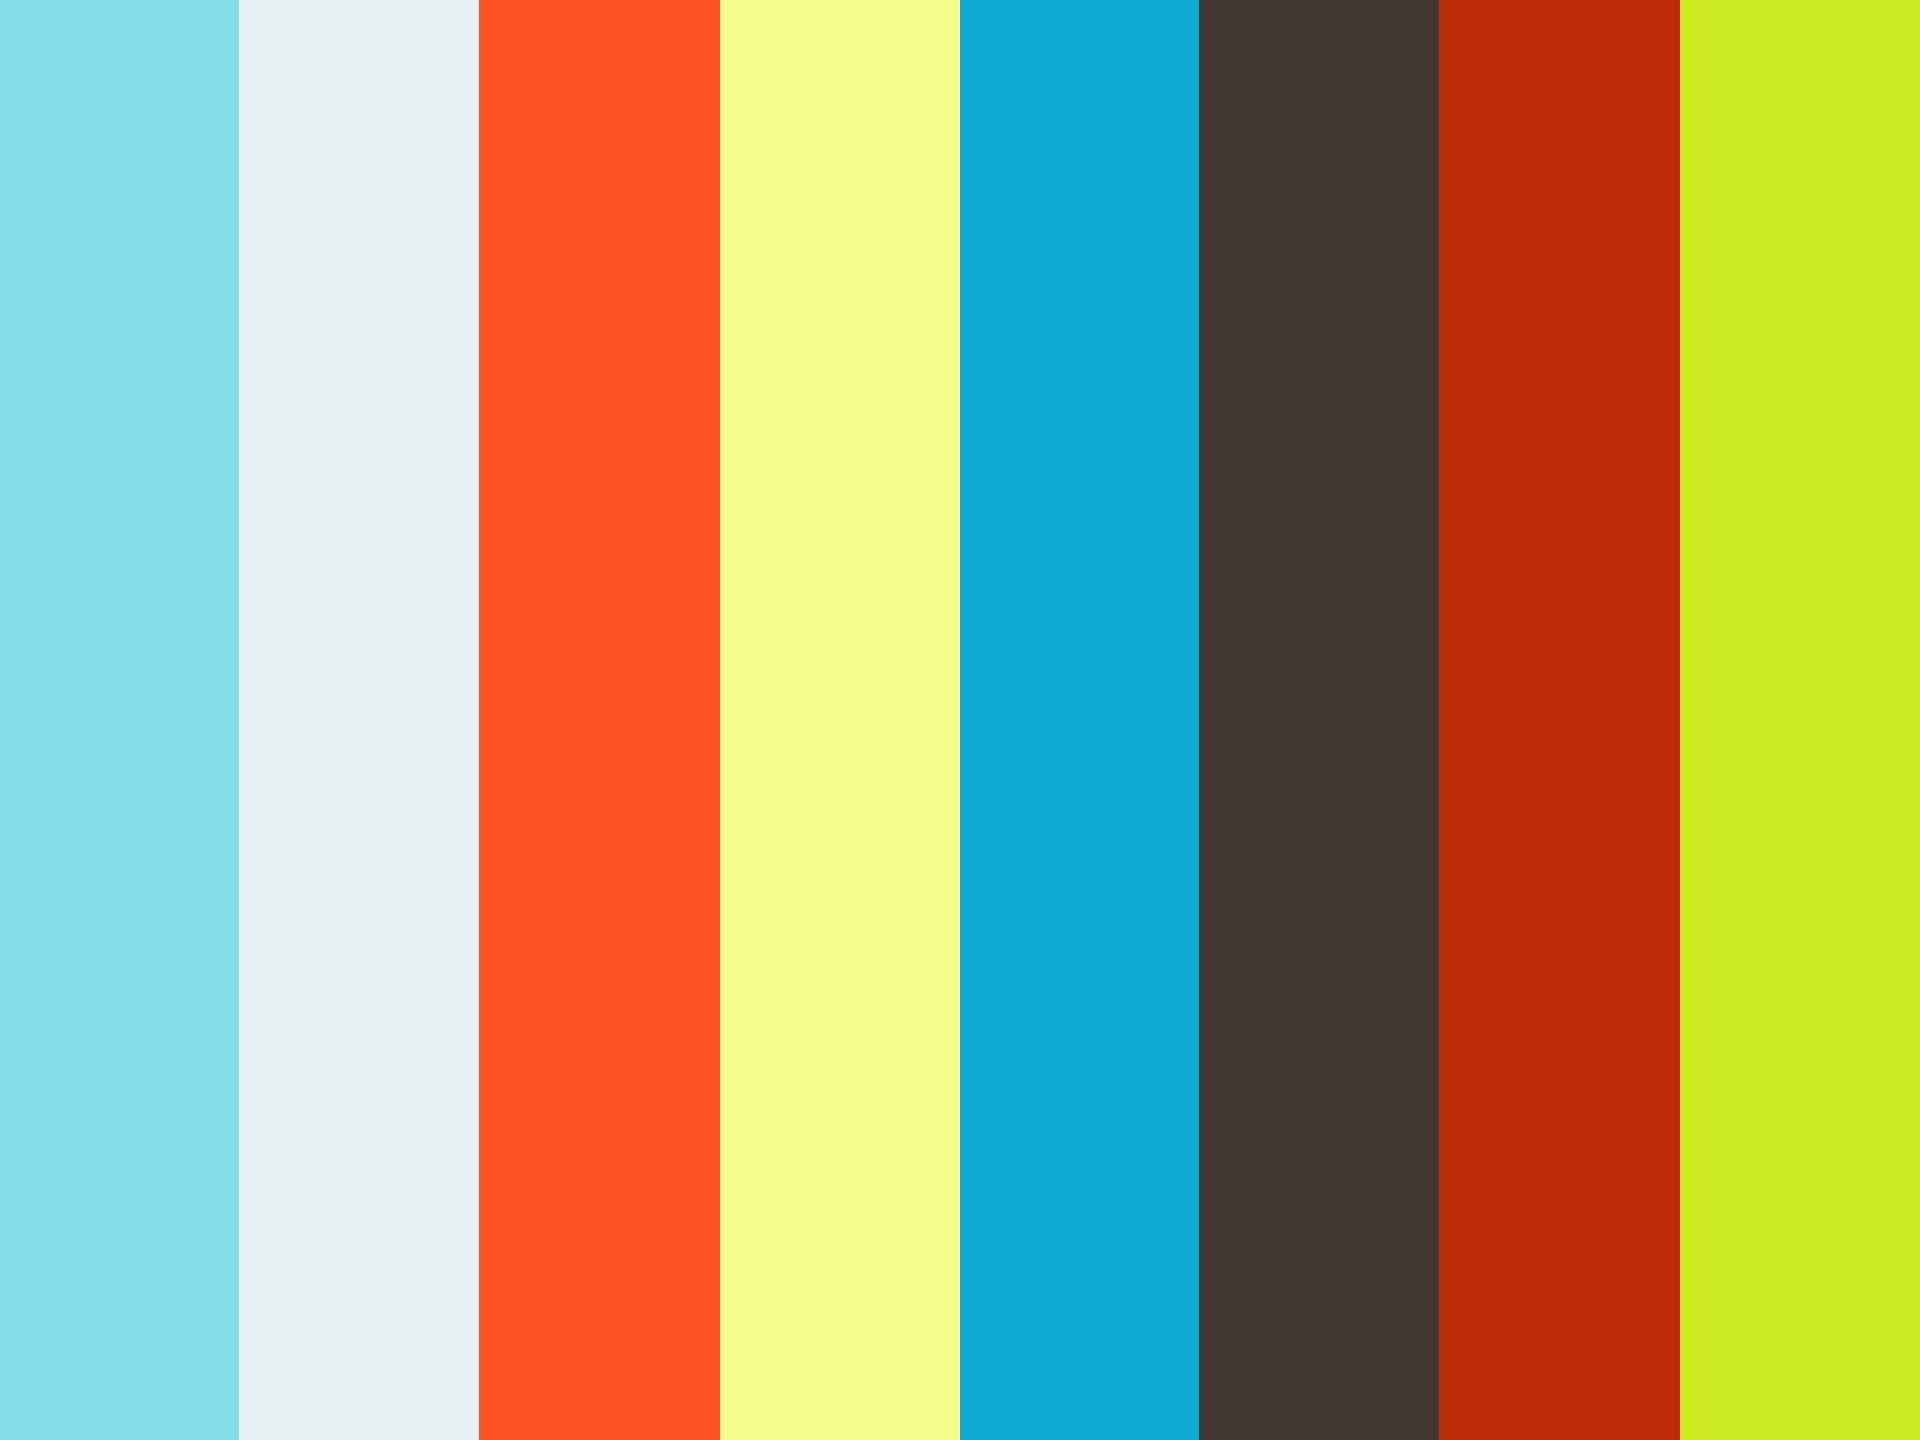 Refx Nexus 2 торрент